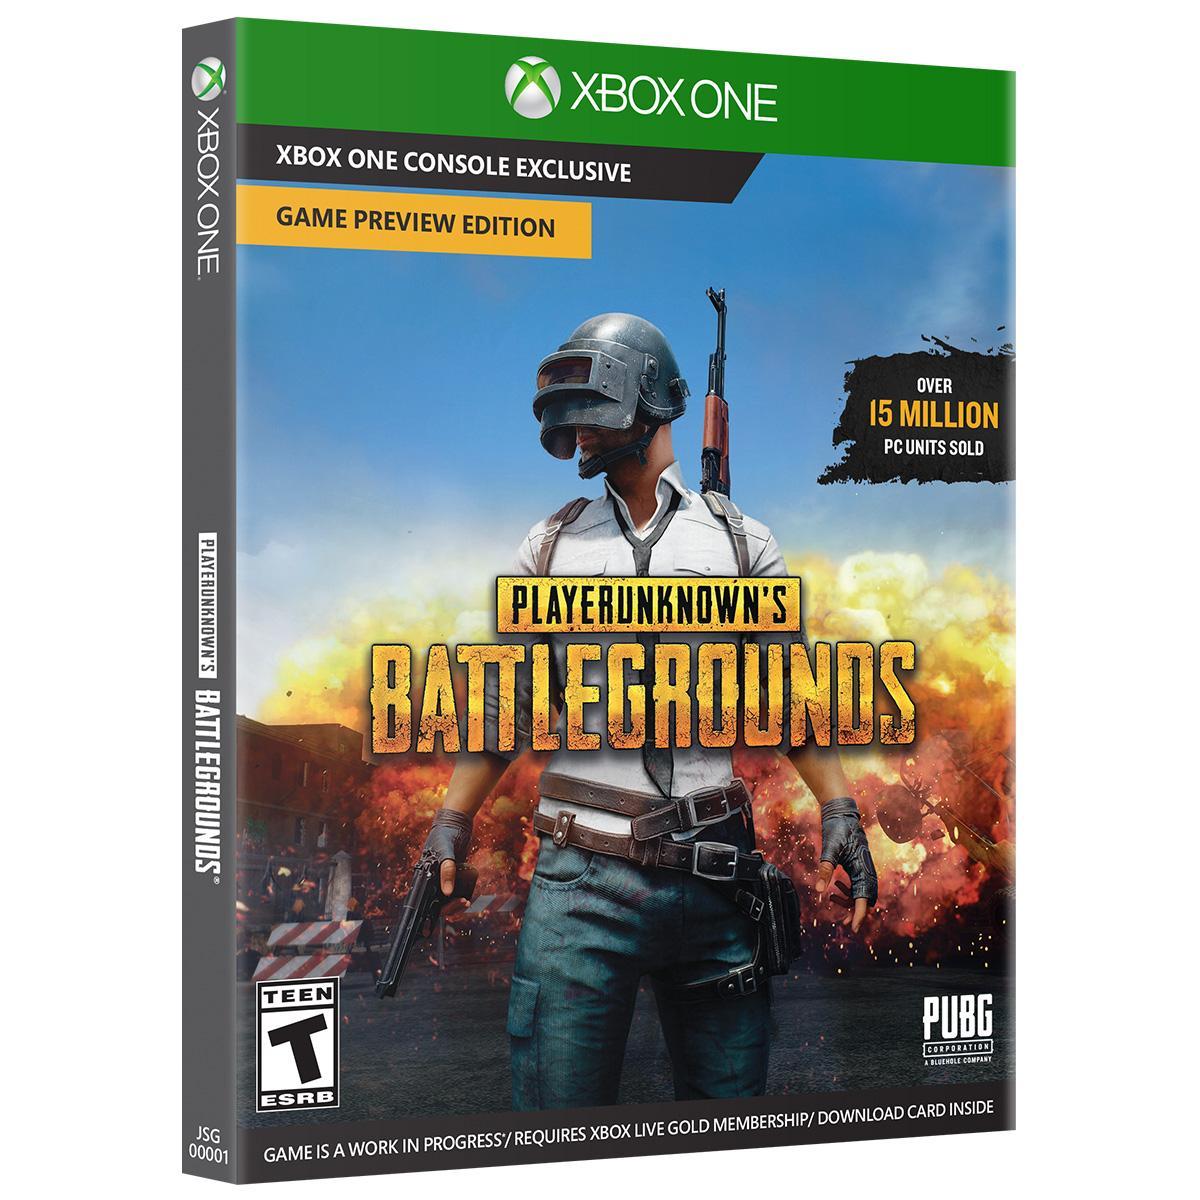 [Xbox GAMES] Playerunknown's Battlegrounds